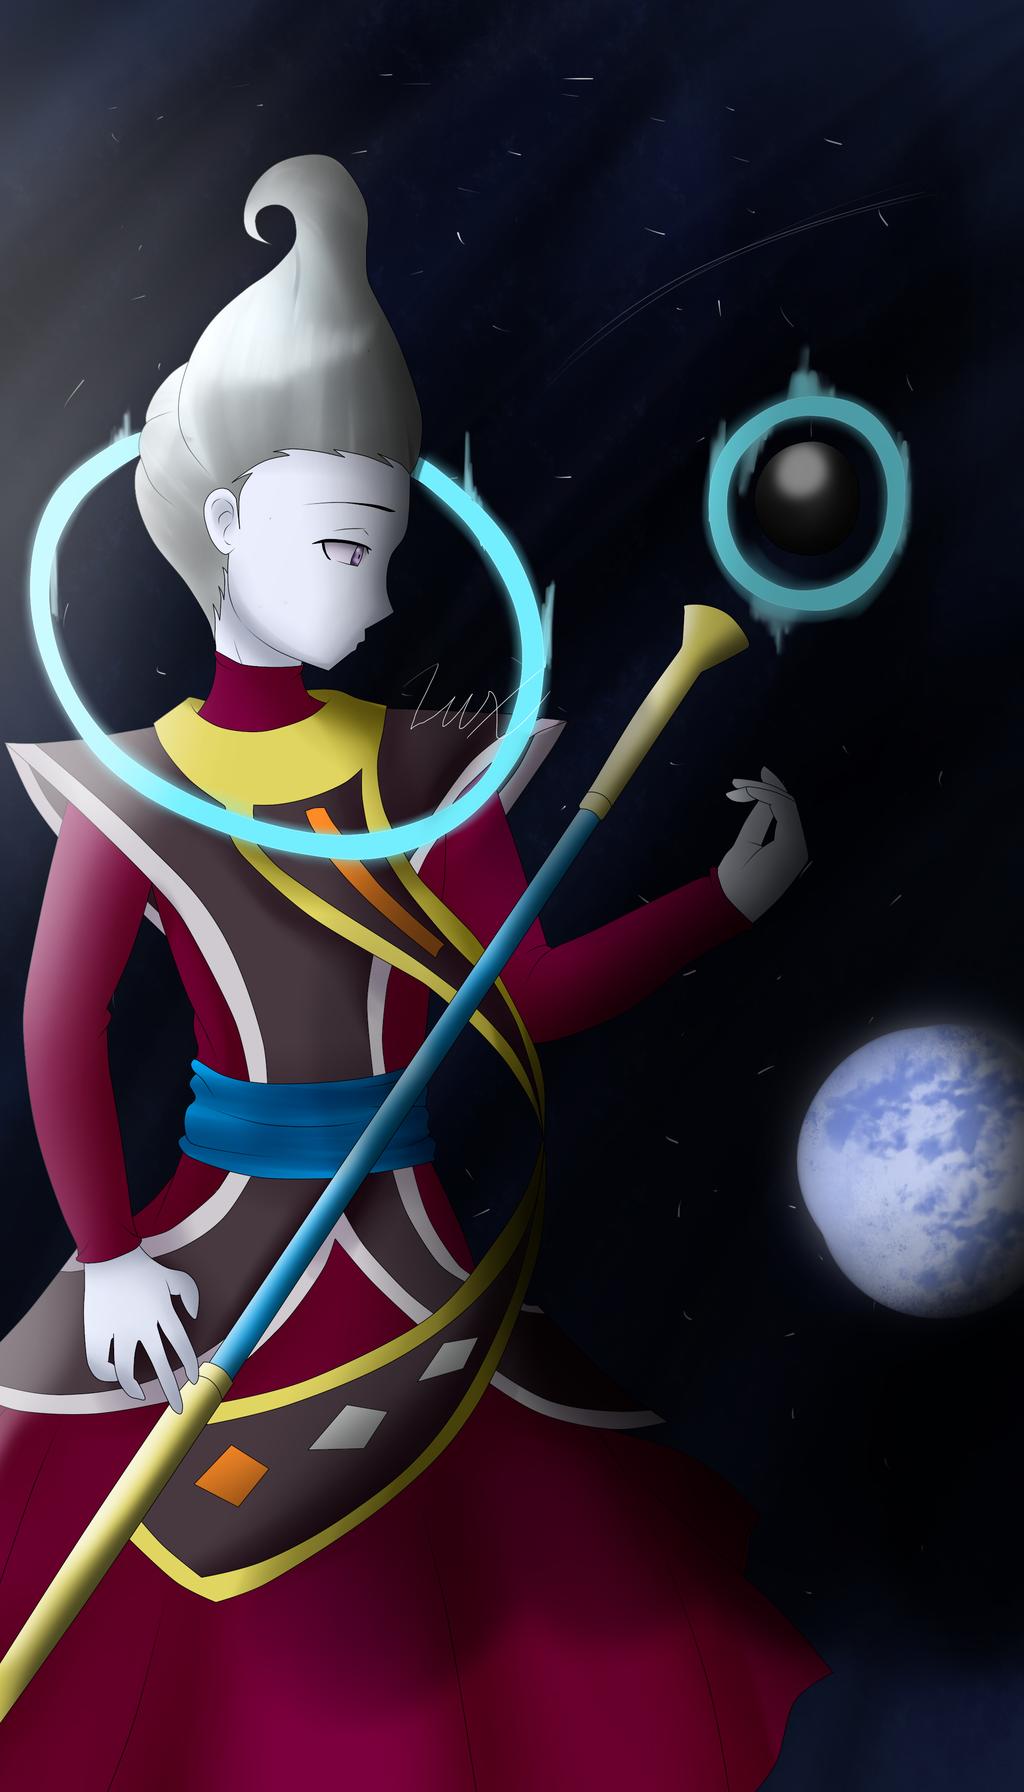 [DBS] Space Angel